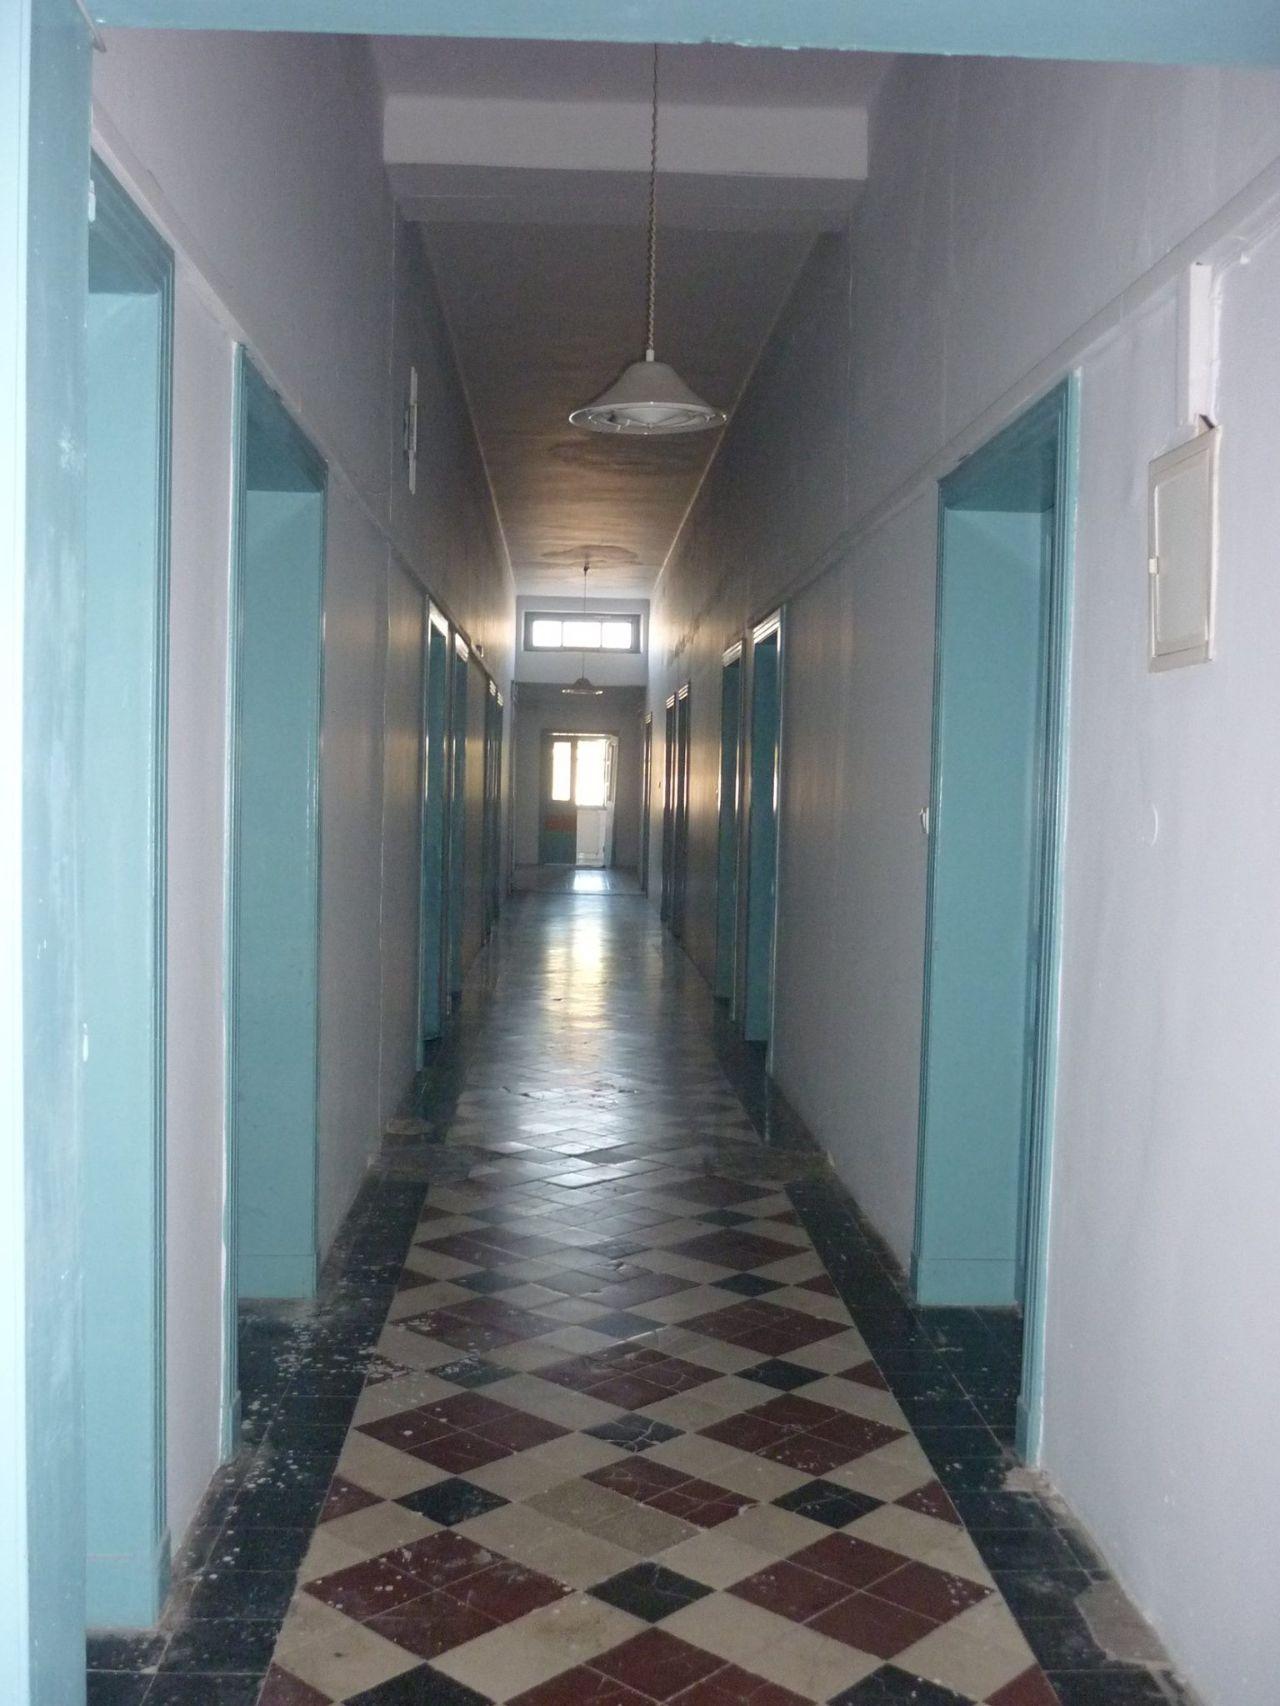 Διάδρομος από το εσωτερικό του κτιρίου